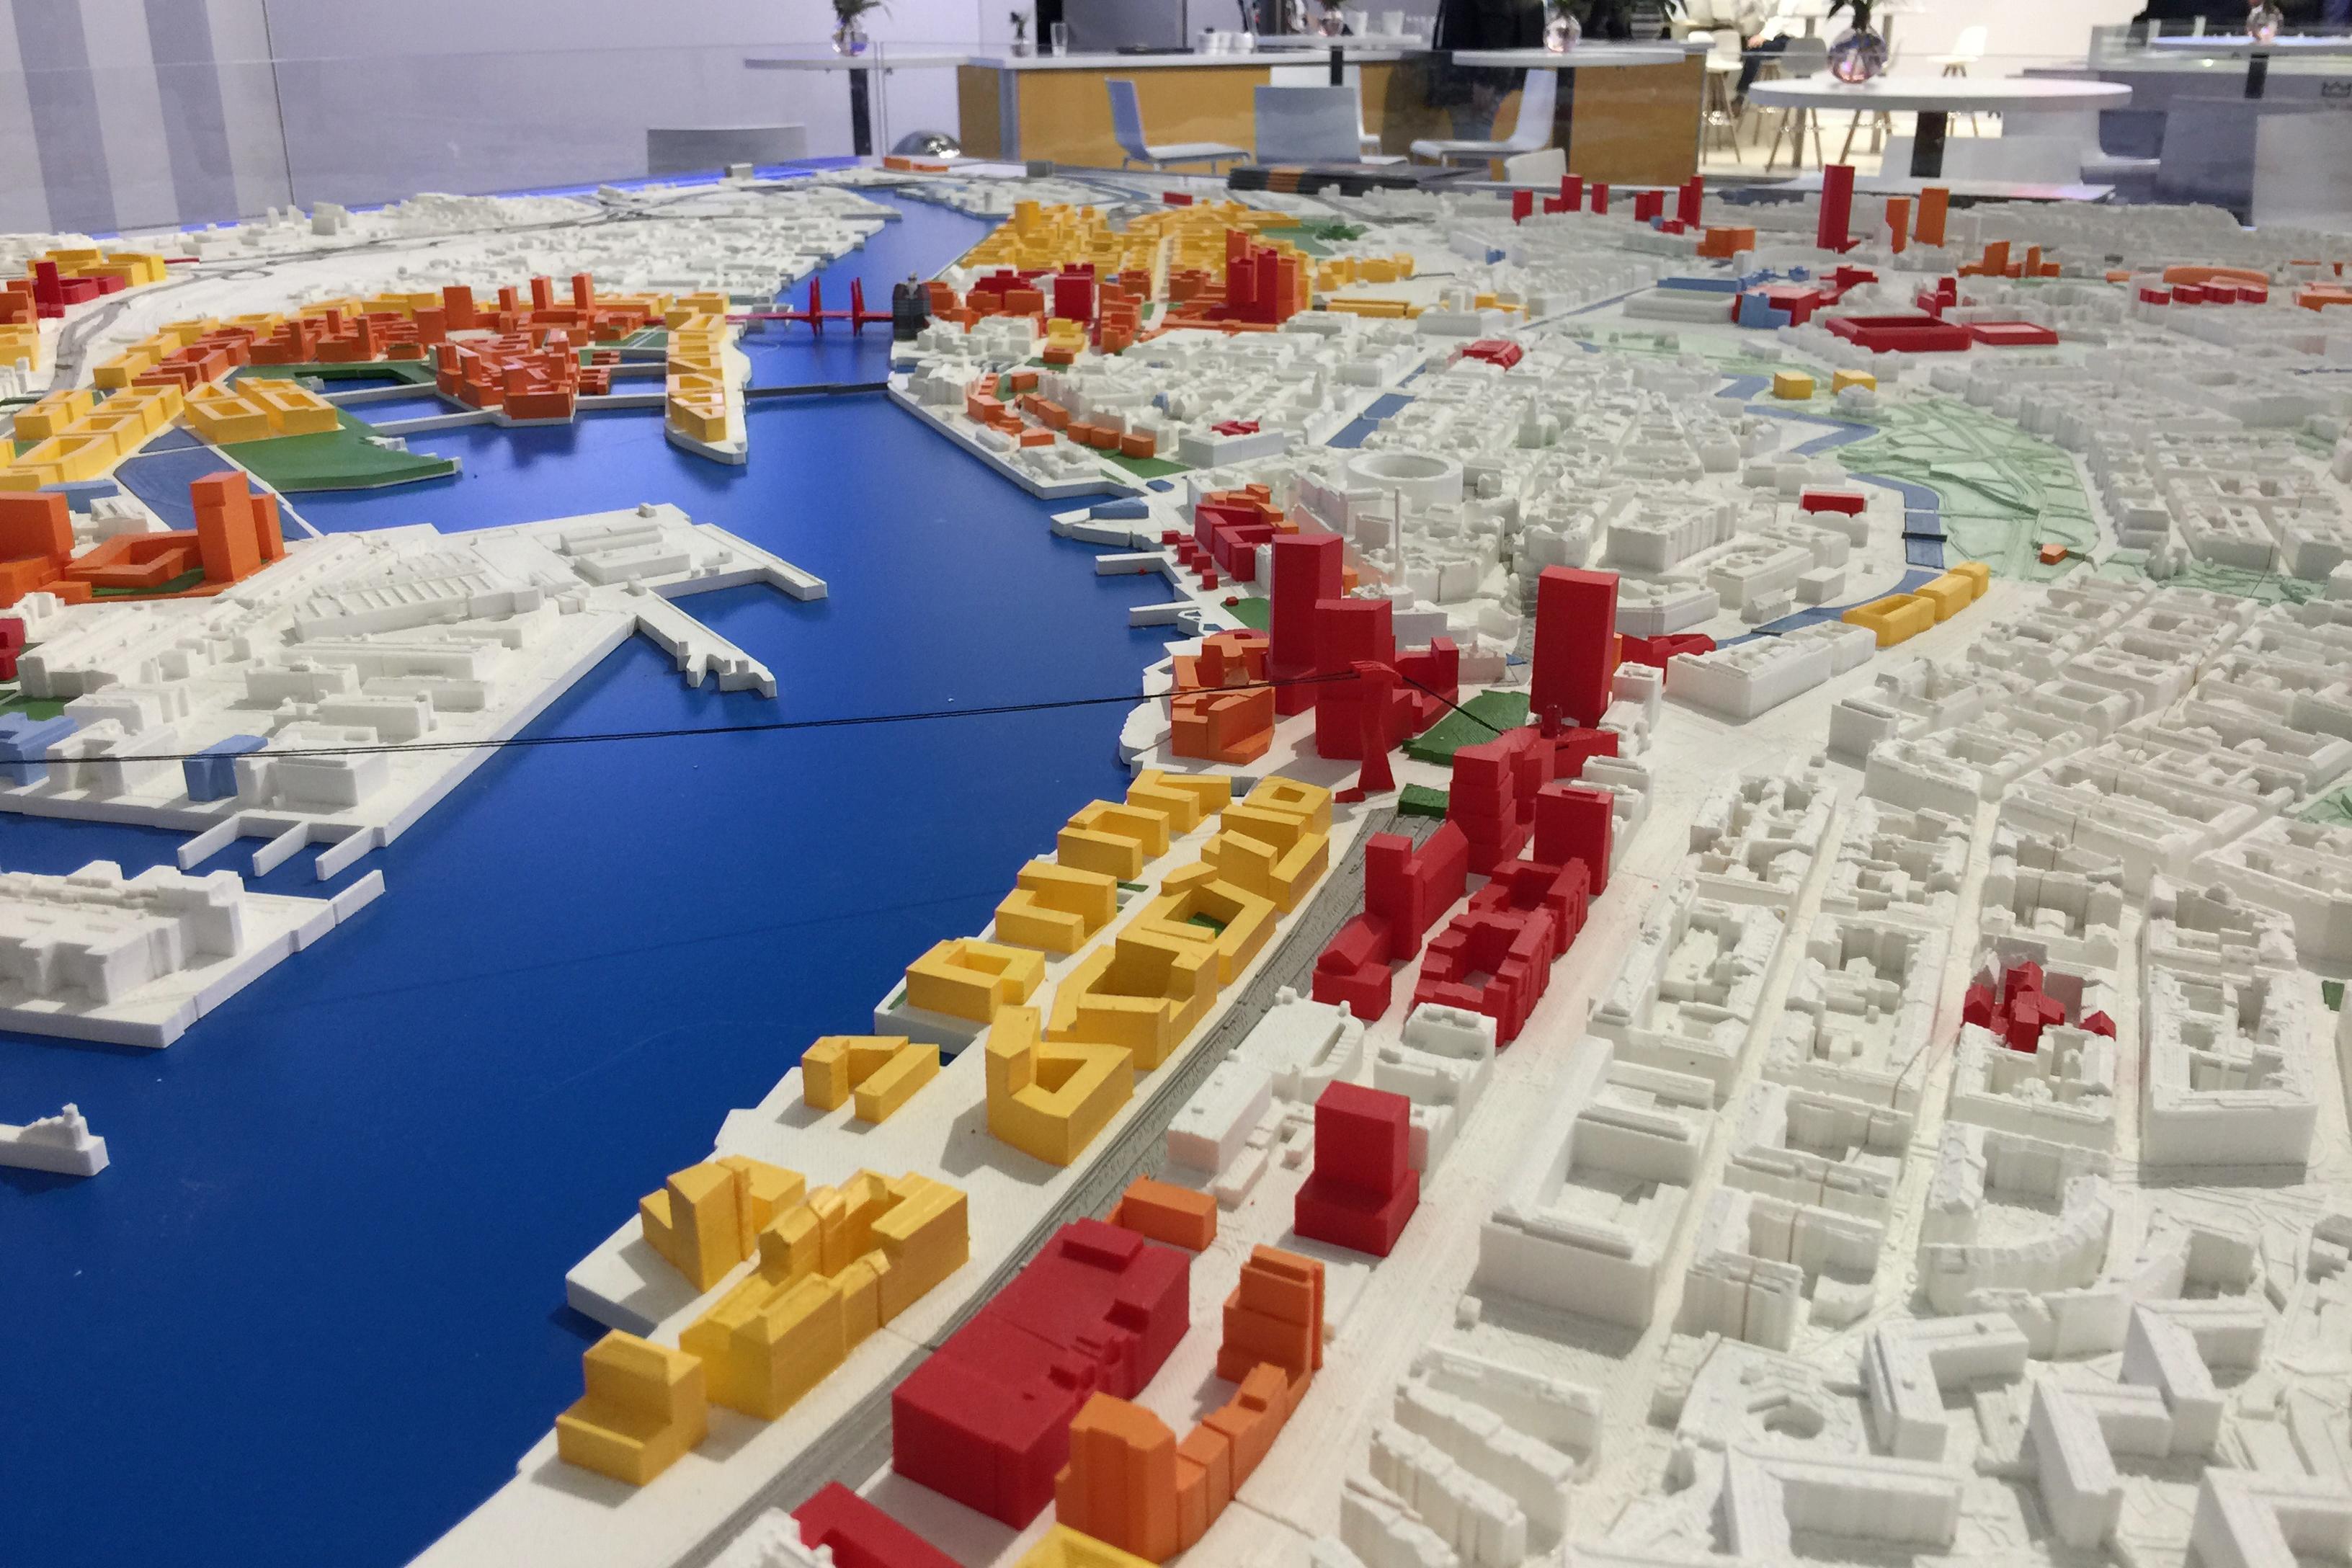 Zukünftige Neustrukturierung der schwedischen Stadt Göteborg